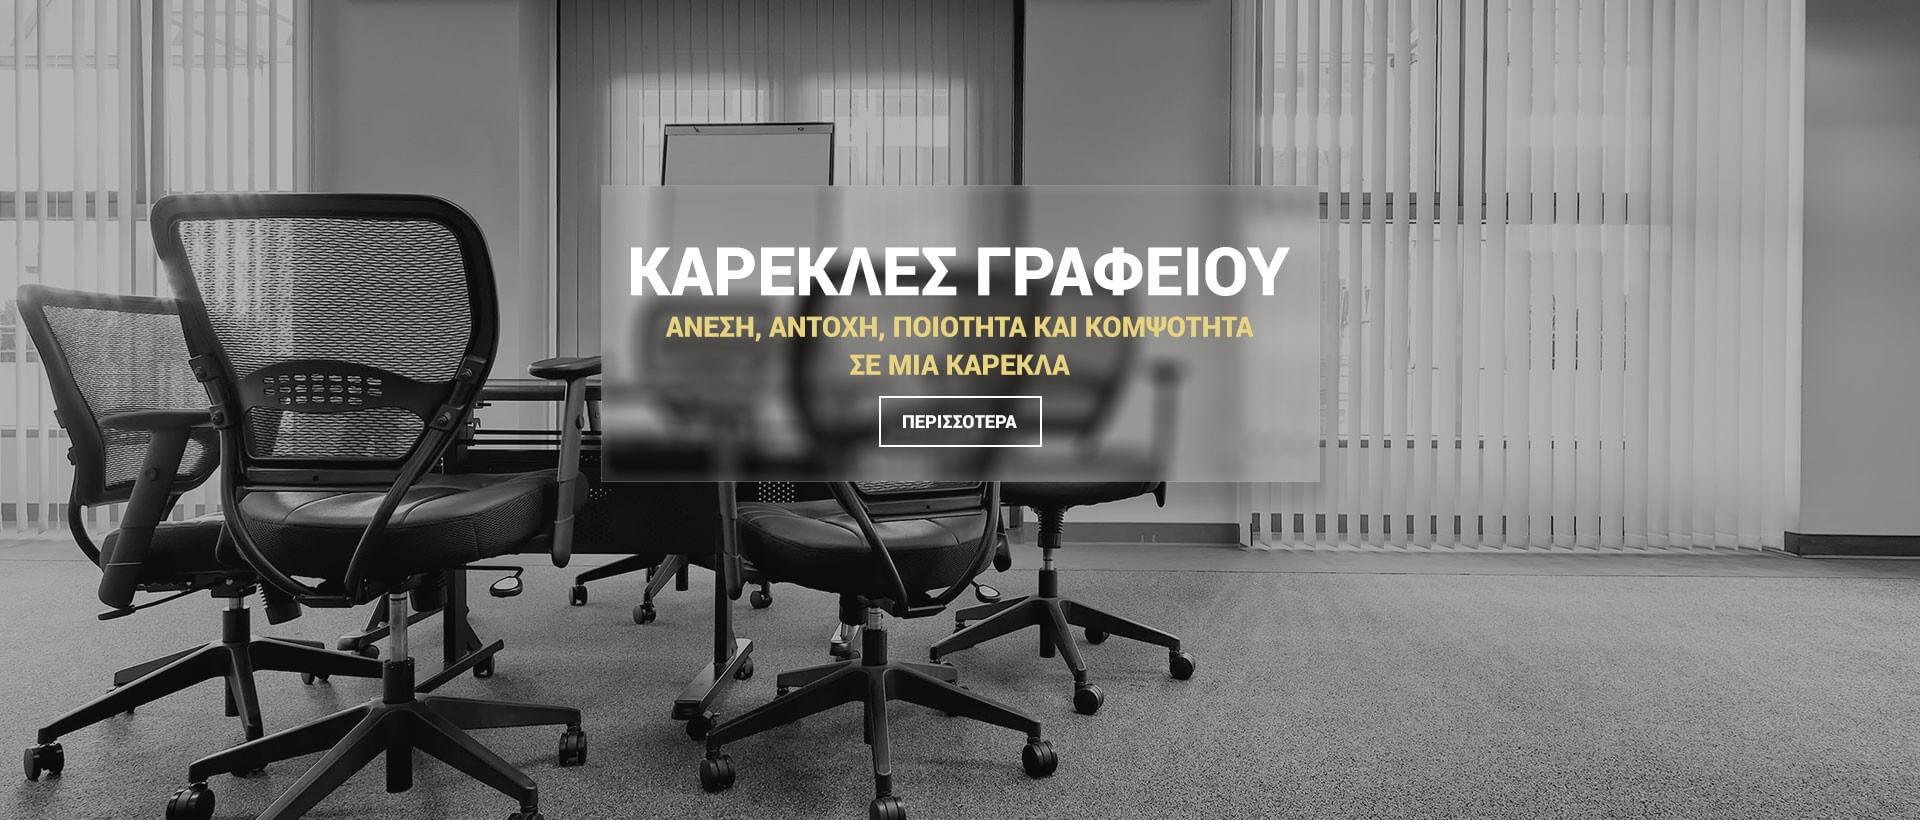 Καρέκλες γραφείου | Άνεση, αντοχή, ποιότητα.